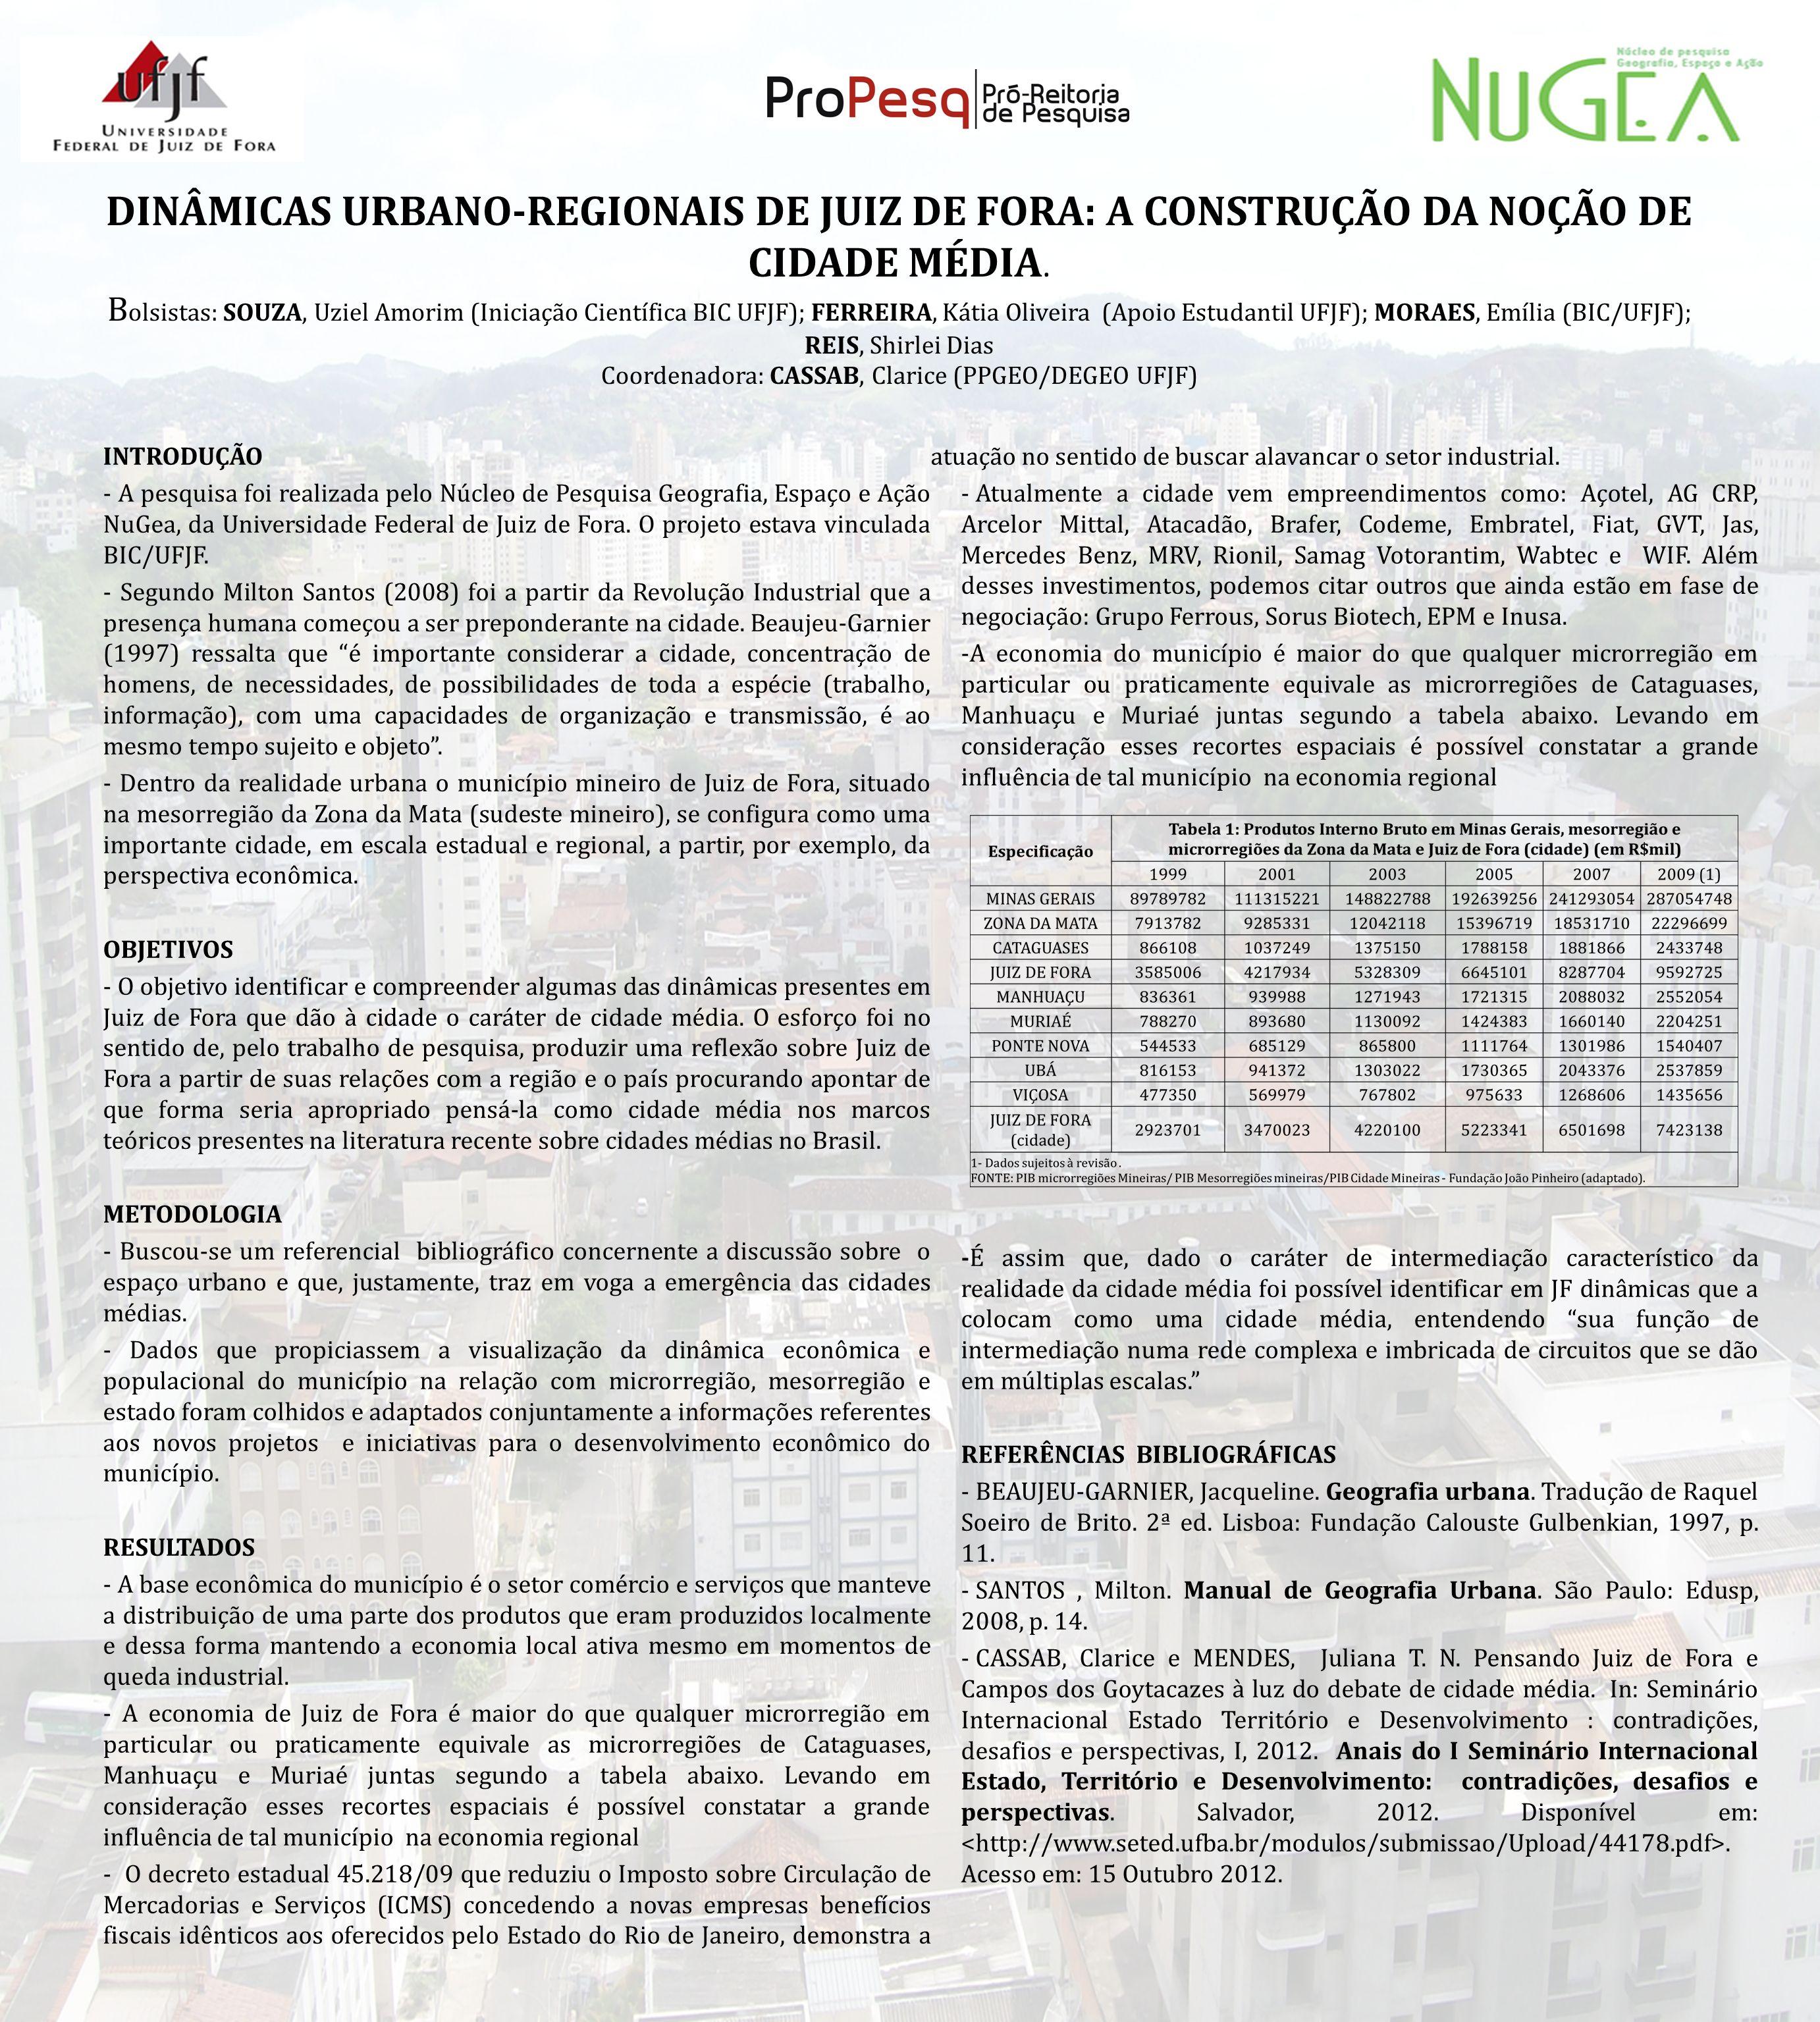 DINÂMICAS URBANO-REGIONAIS DE JUIZ DE FORA: A CONSTRUÇÃO DA NOÇÃO DE CIDADE MÉDIA.